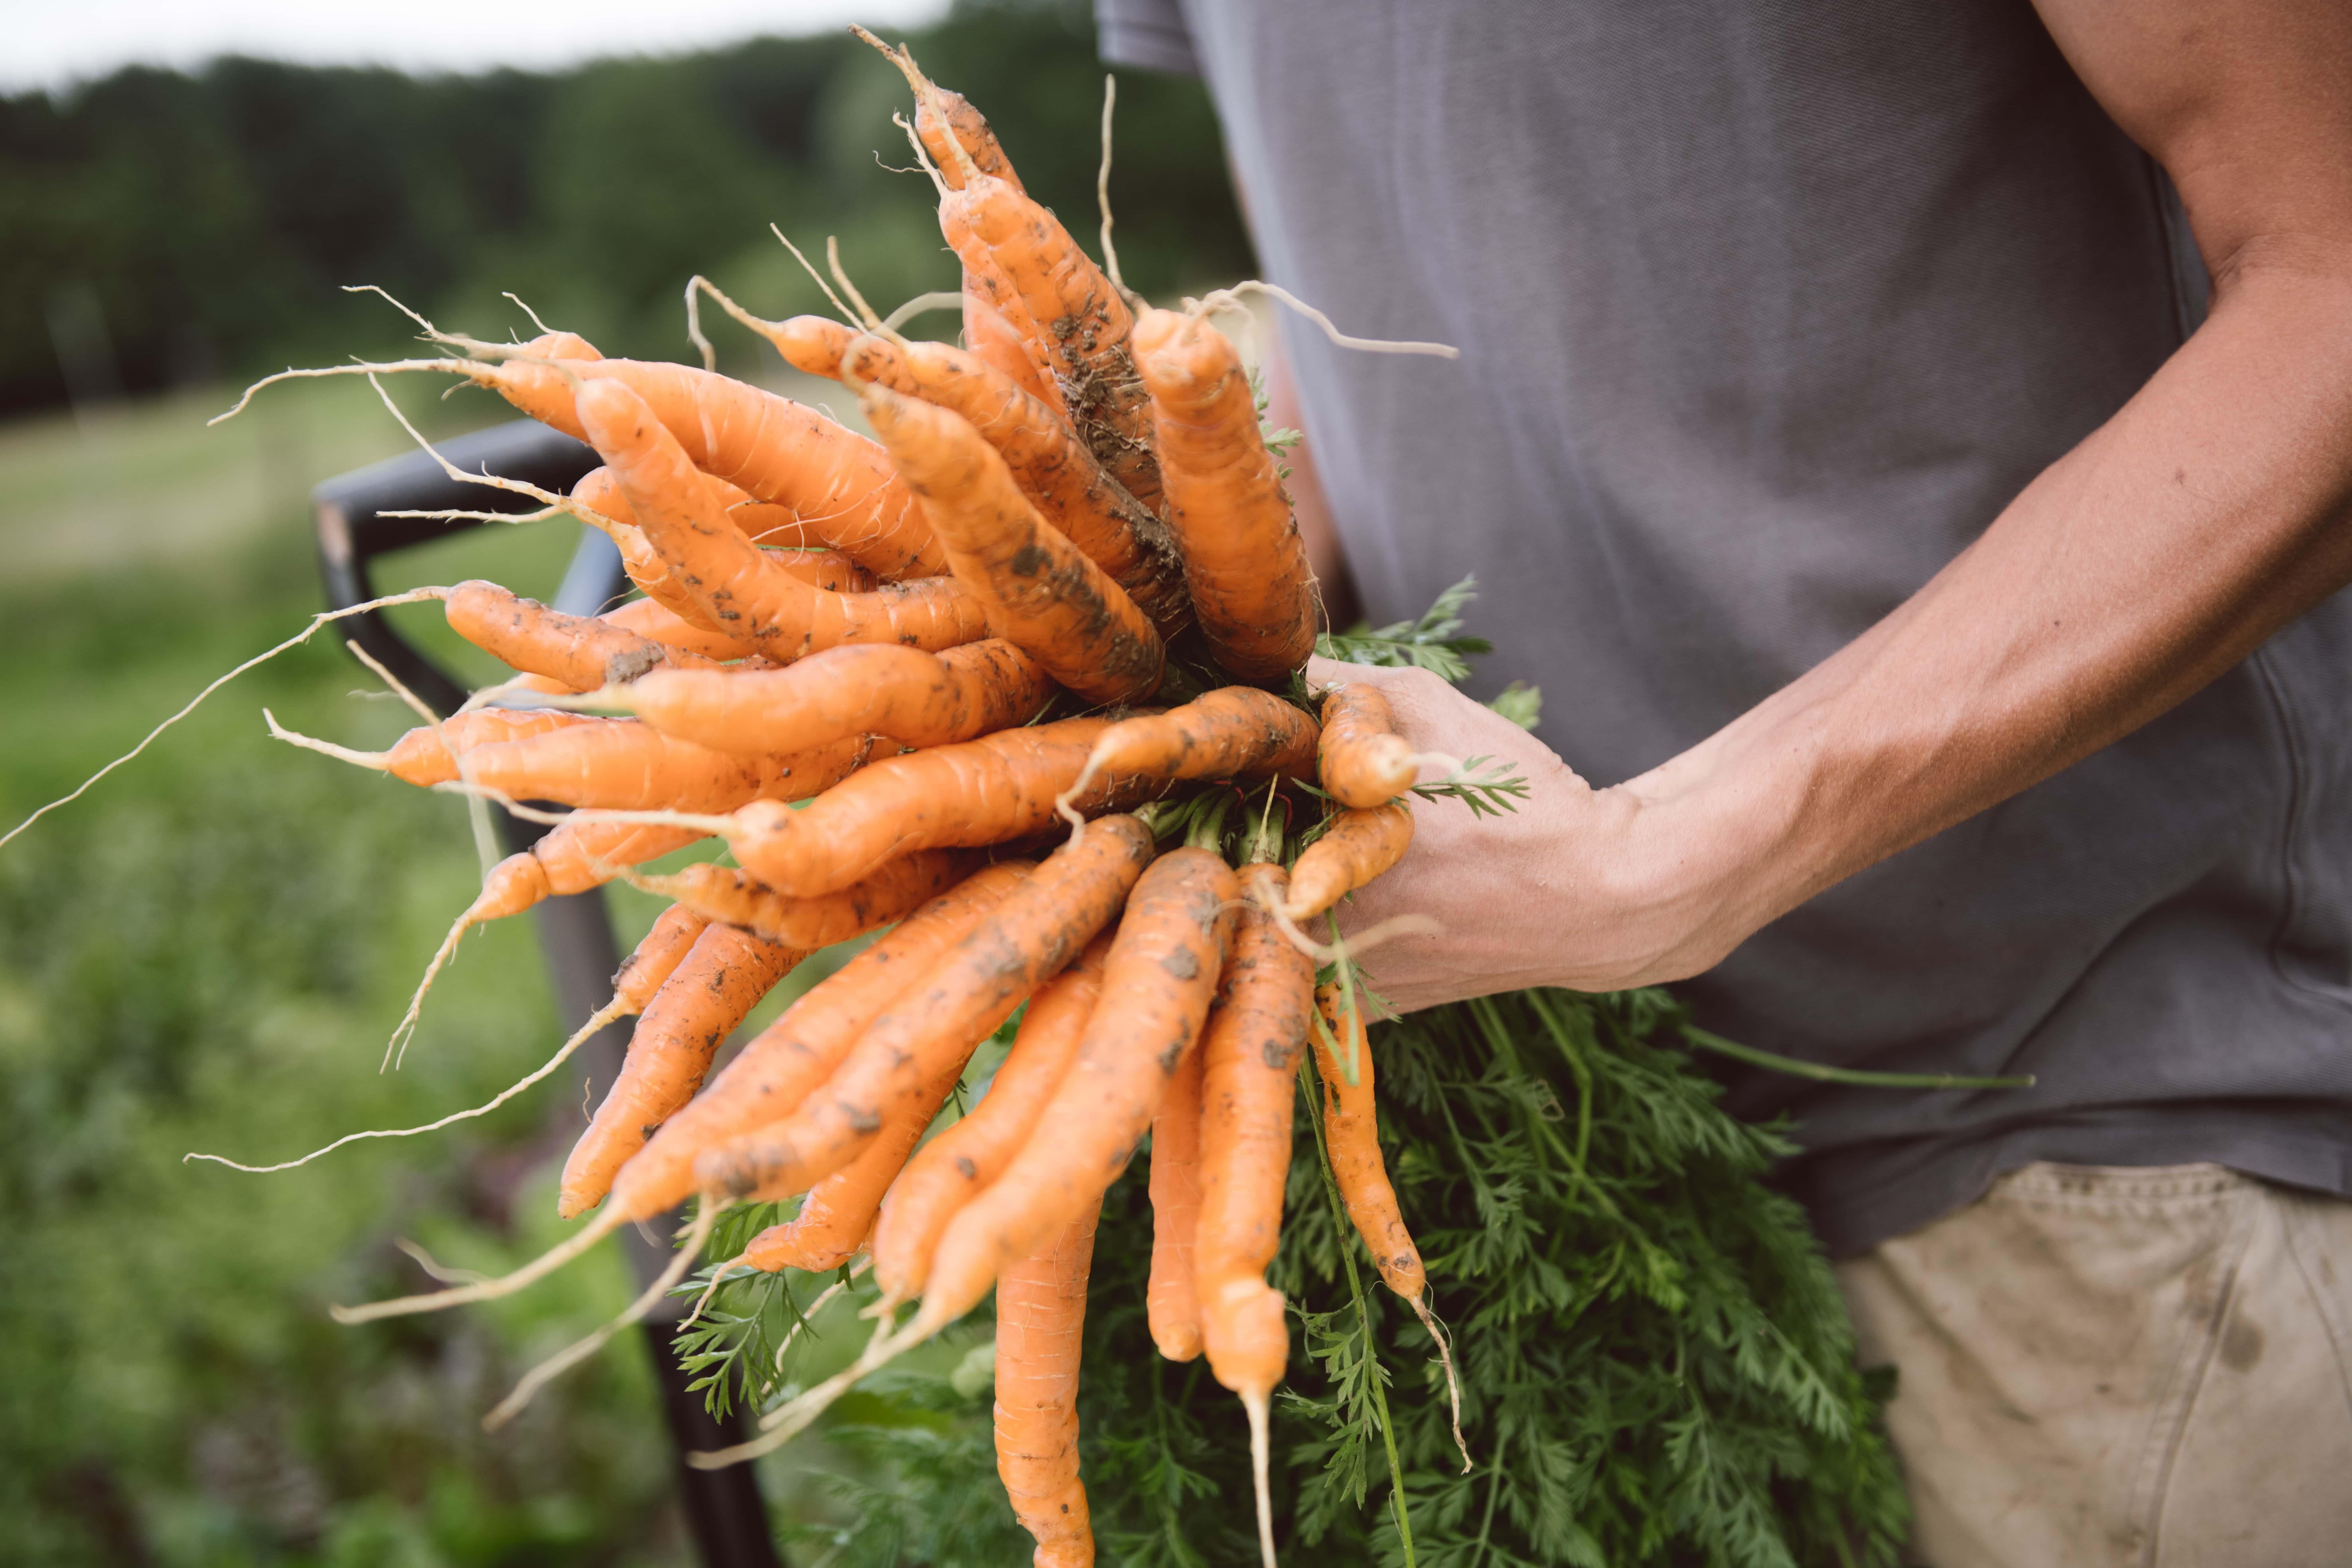 Karotten in der Hand